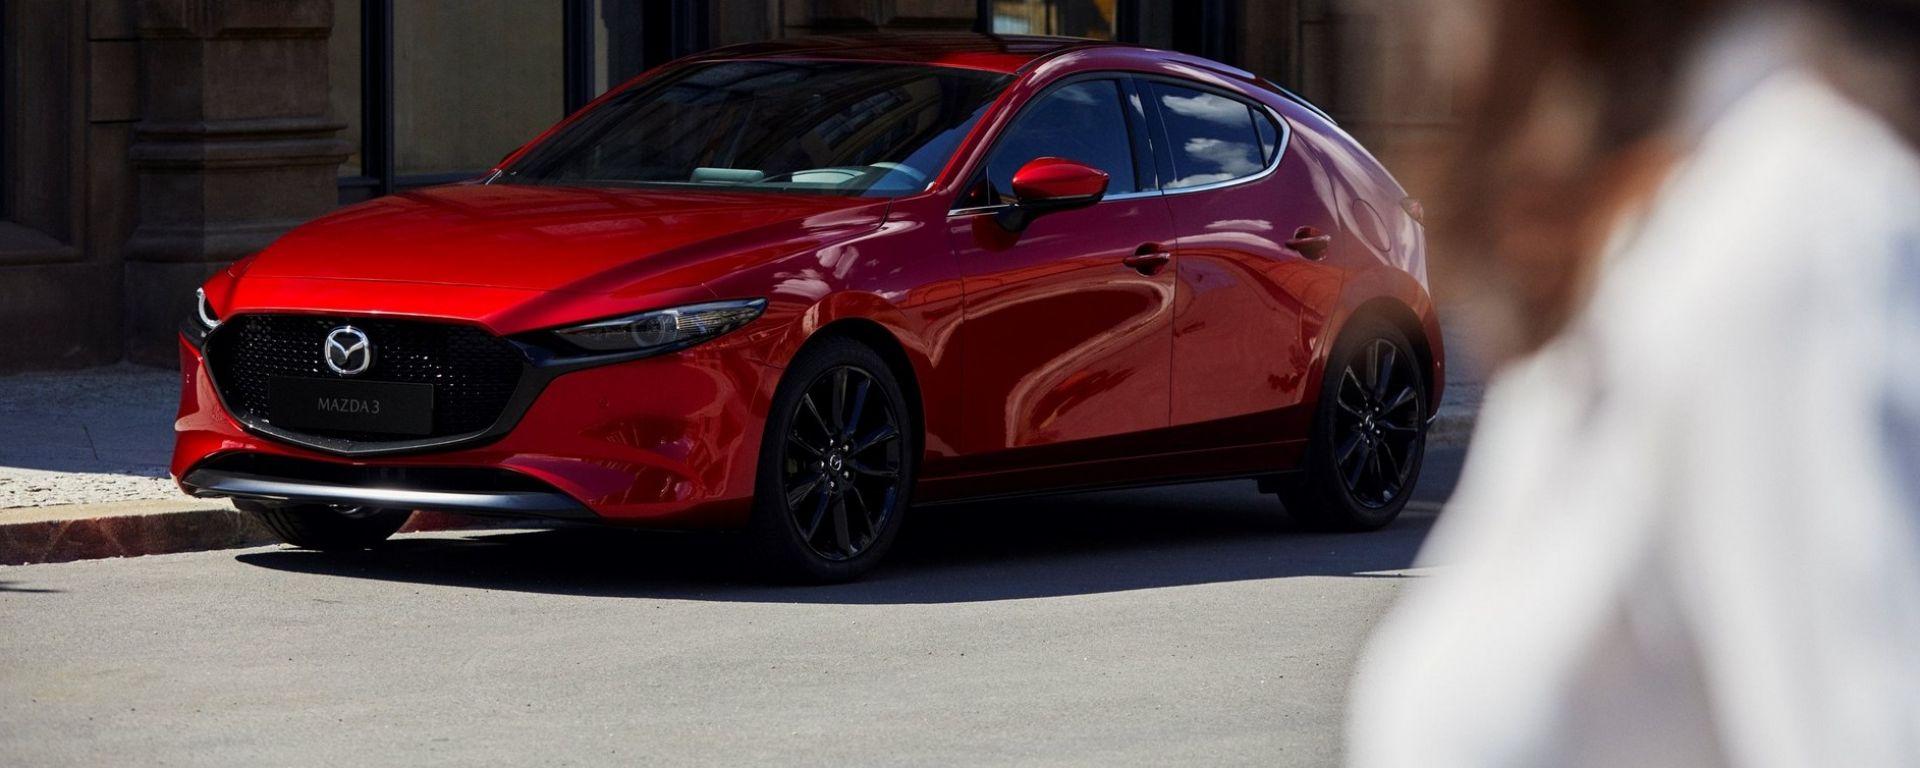 Nuova Mazda3 2019: vista 3/4 anteriore